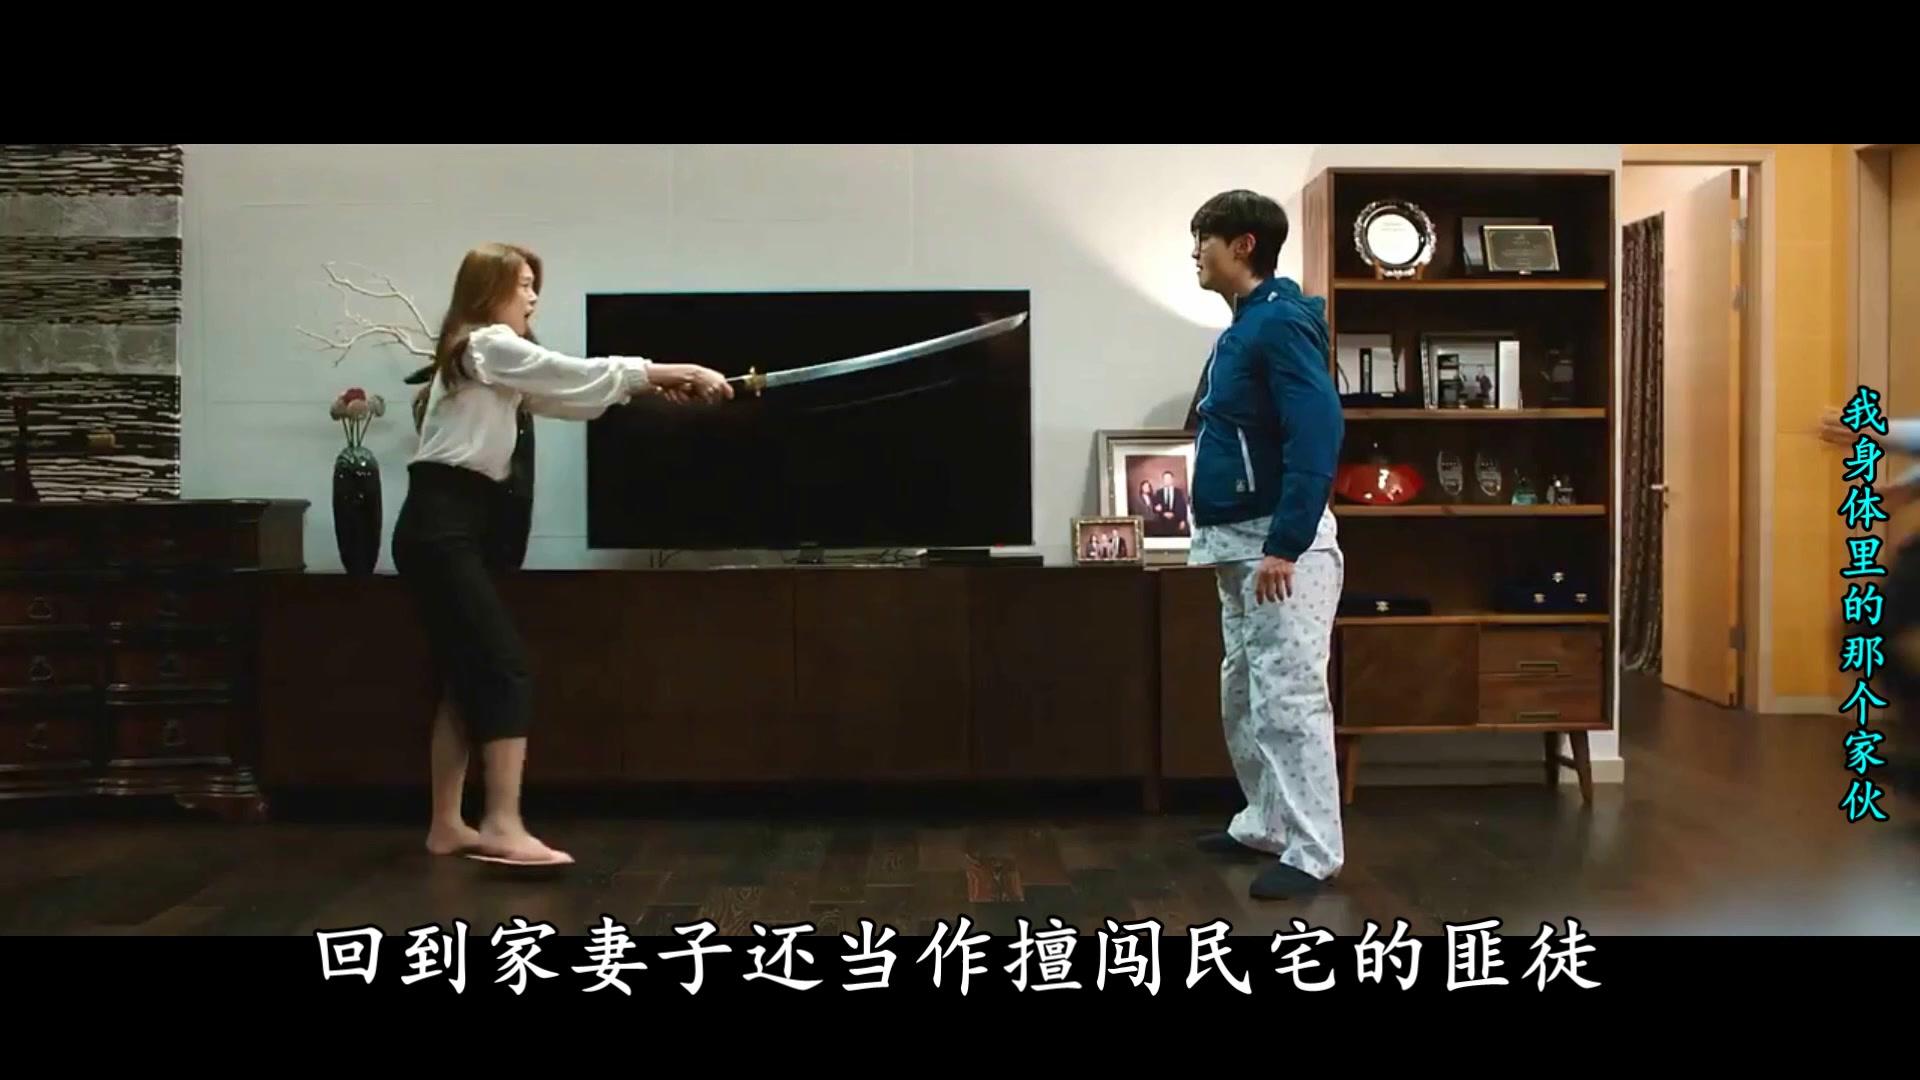 #追剧不能停#我喜欢你,你却想当我爸,韩国爆笑喜剧片《我身体里的那个家伙》